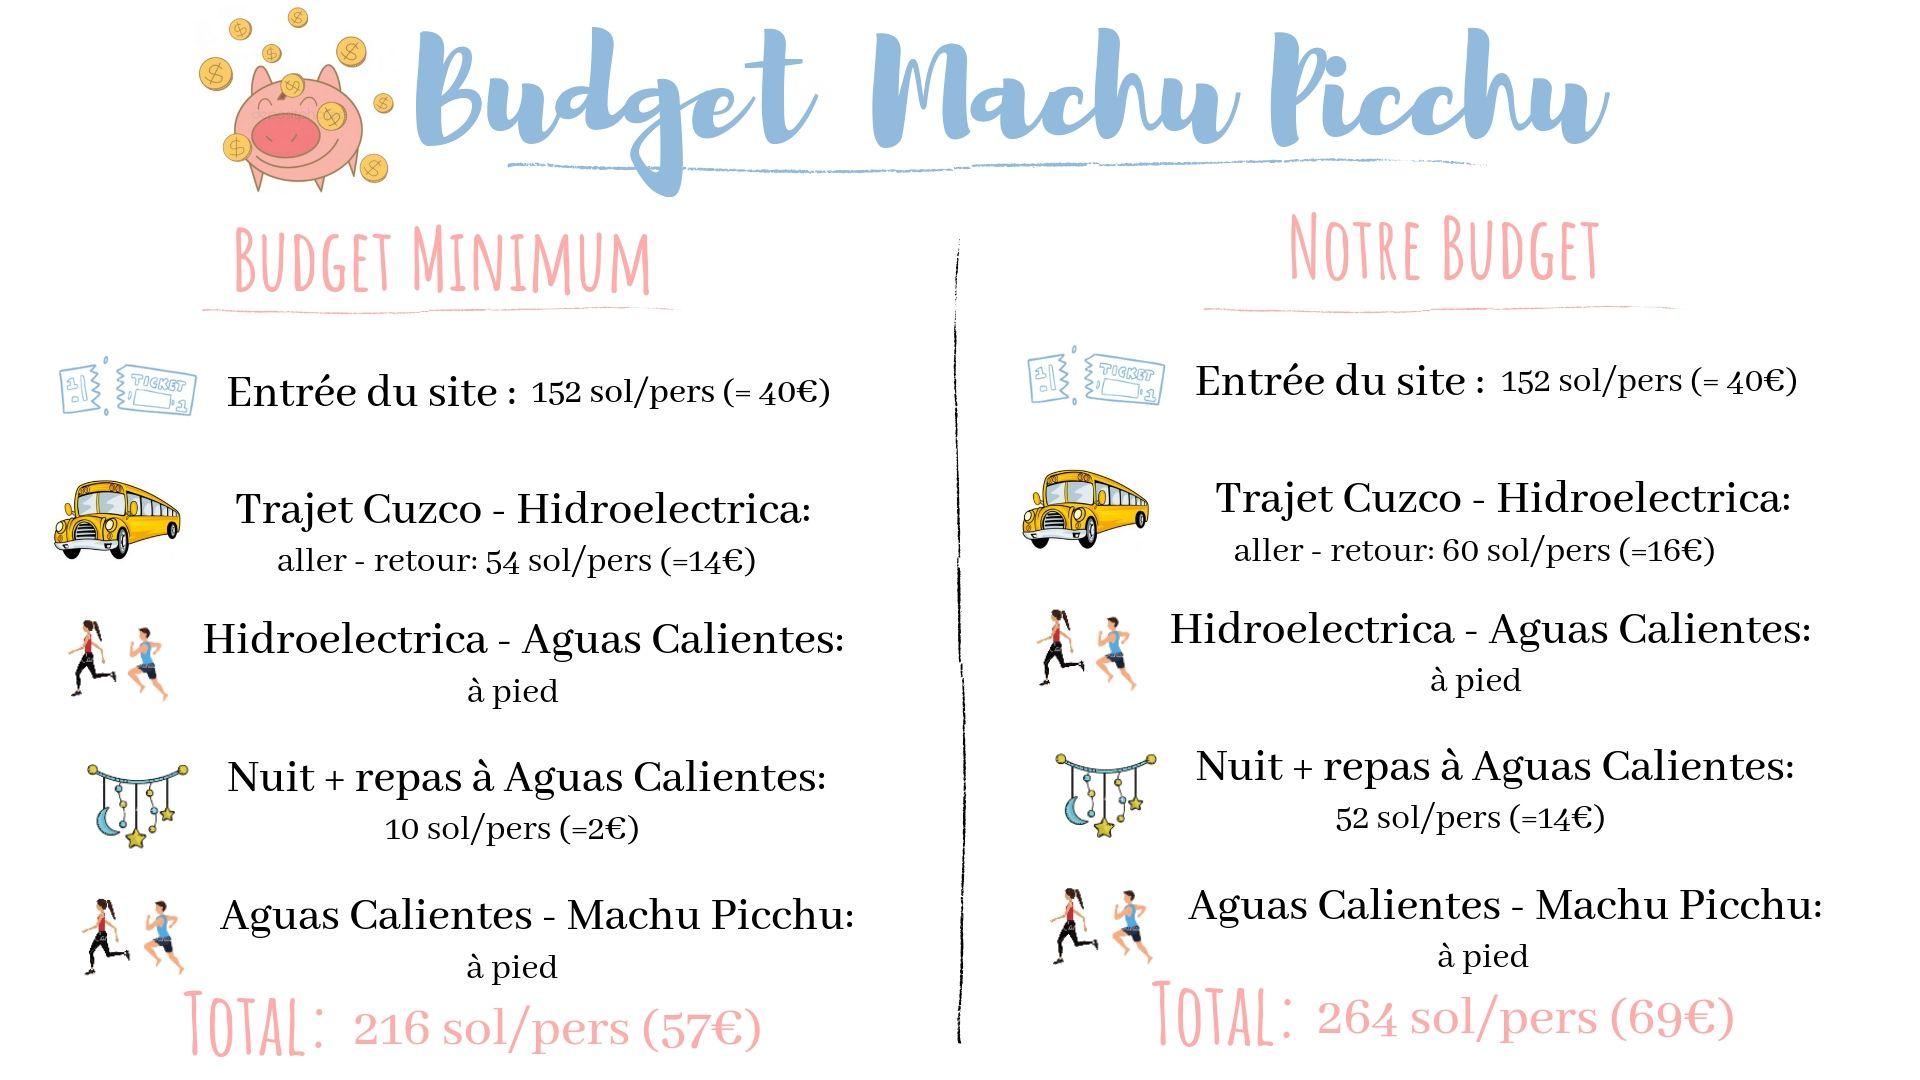 visiter machu picchu budget